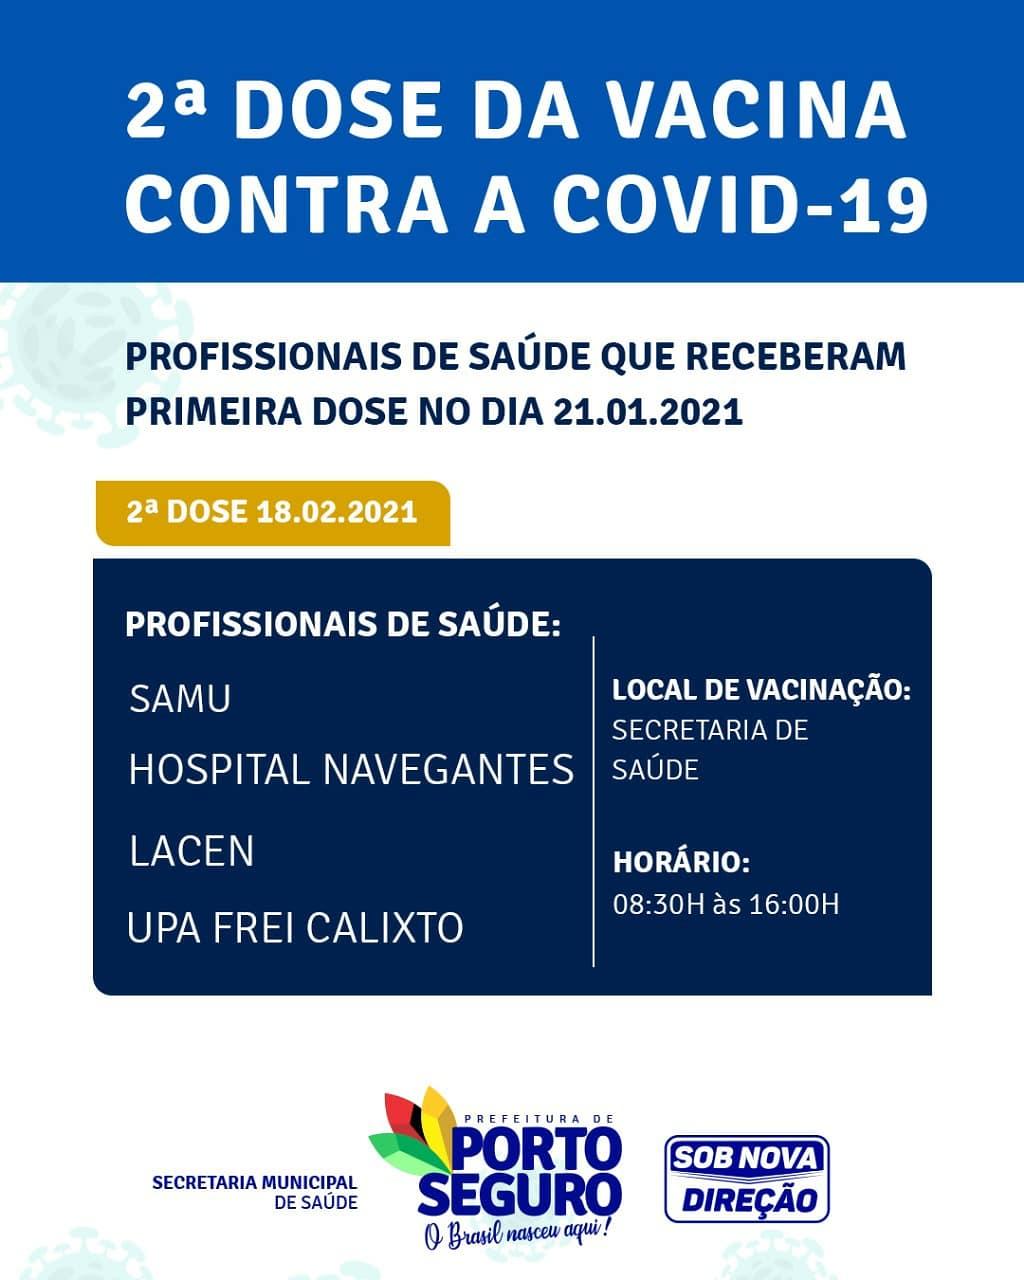 A prefeitura de Porto Seguro, por meio da Secretaria Municipal de Saúde informa que a 2ª dose da vacina contra a COVID-19 já está disponível para os Profissionais de Saúde que receberam a 1ª dose da vacina 25